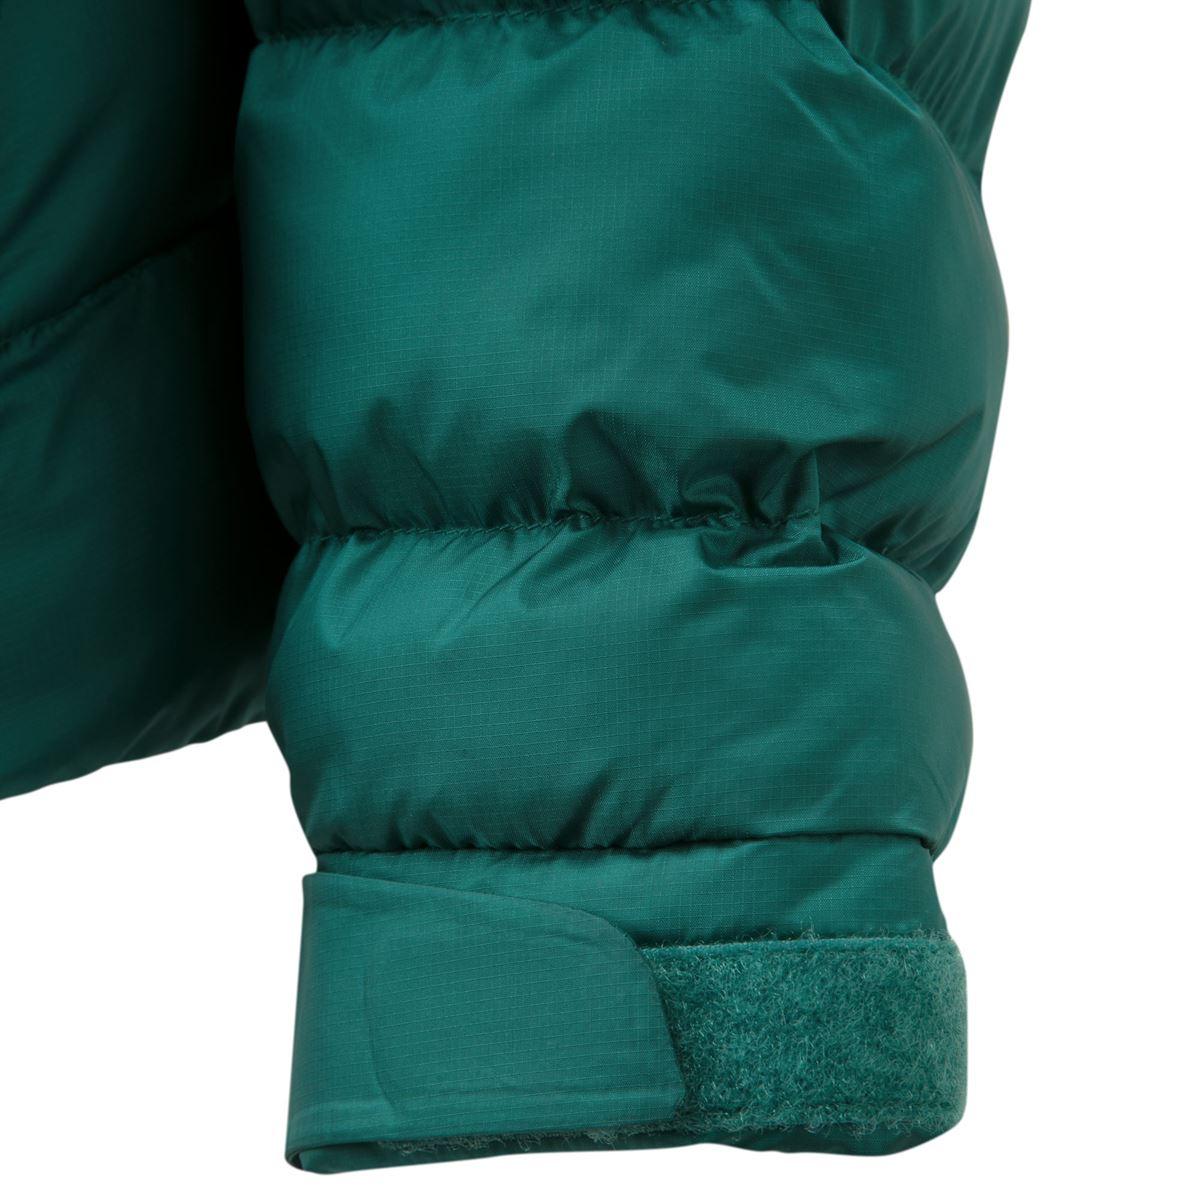 Rab Women's Nebula Pro Jacket Needle